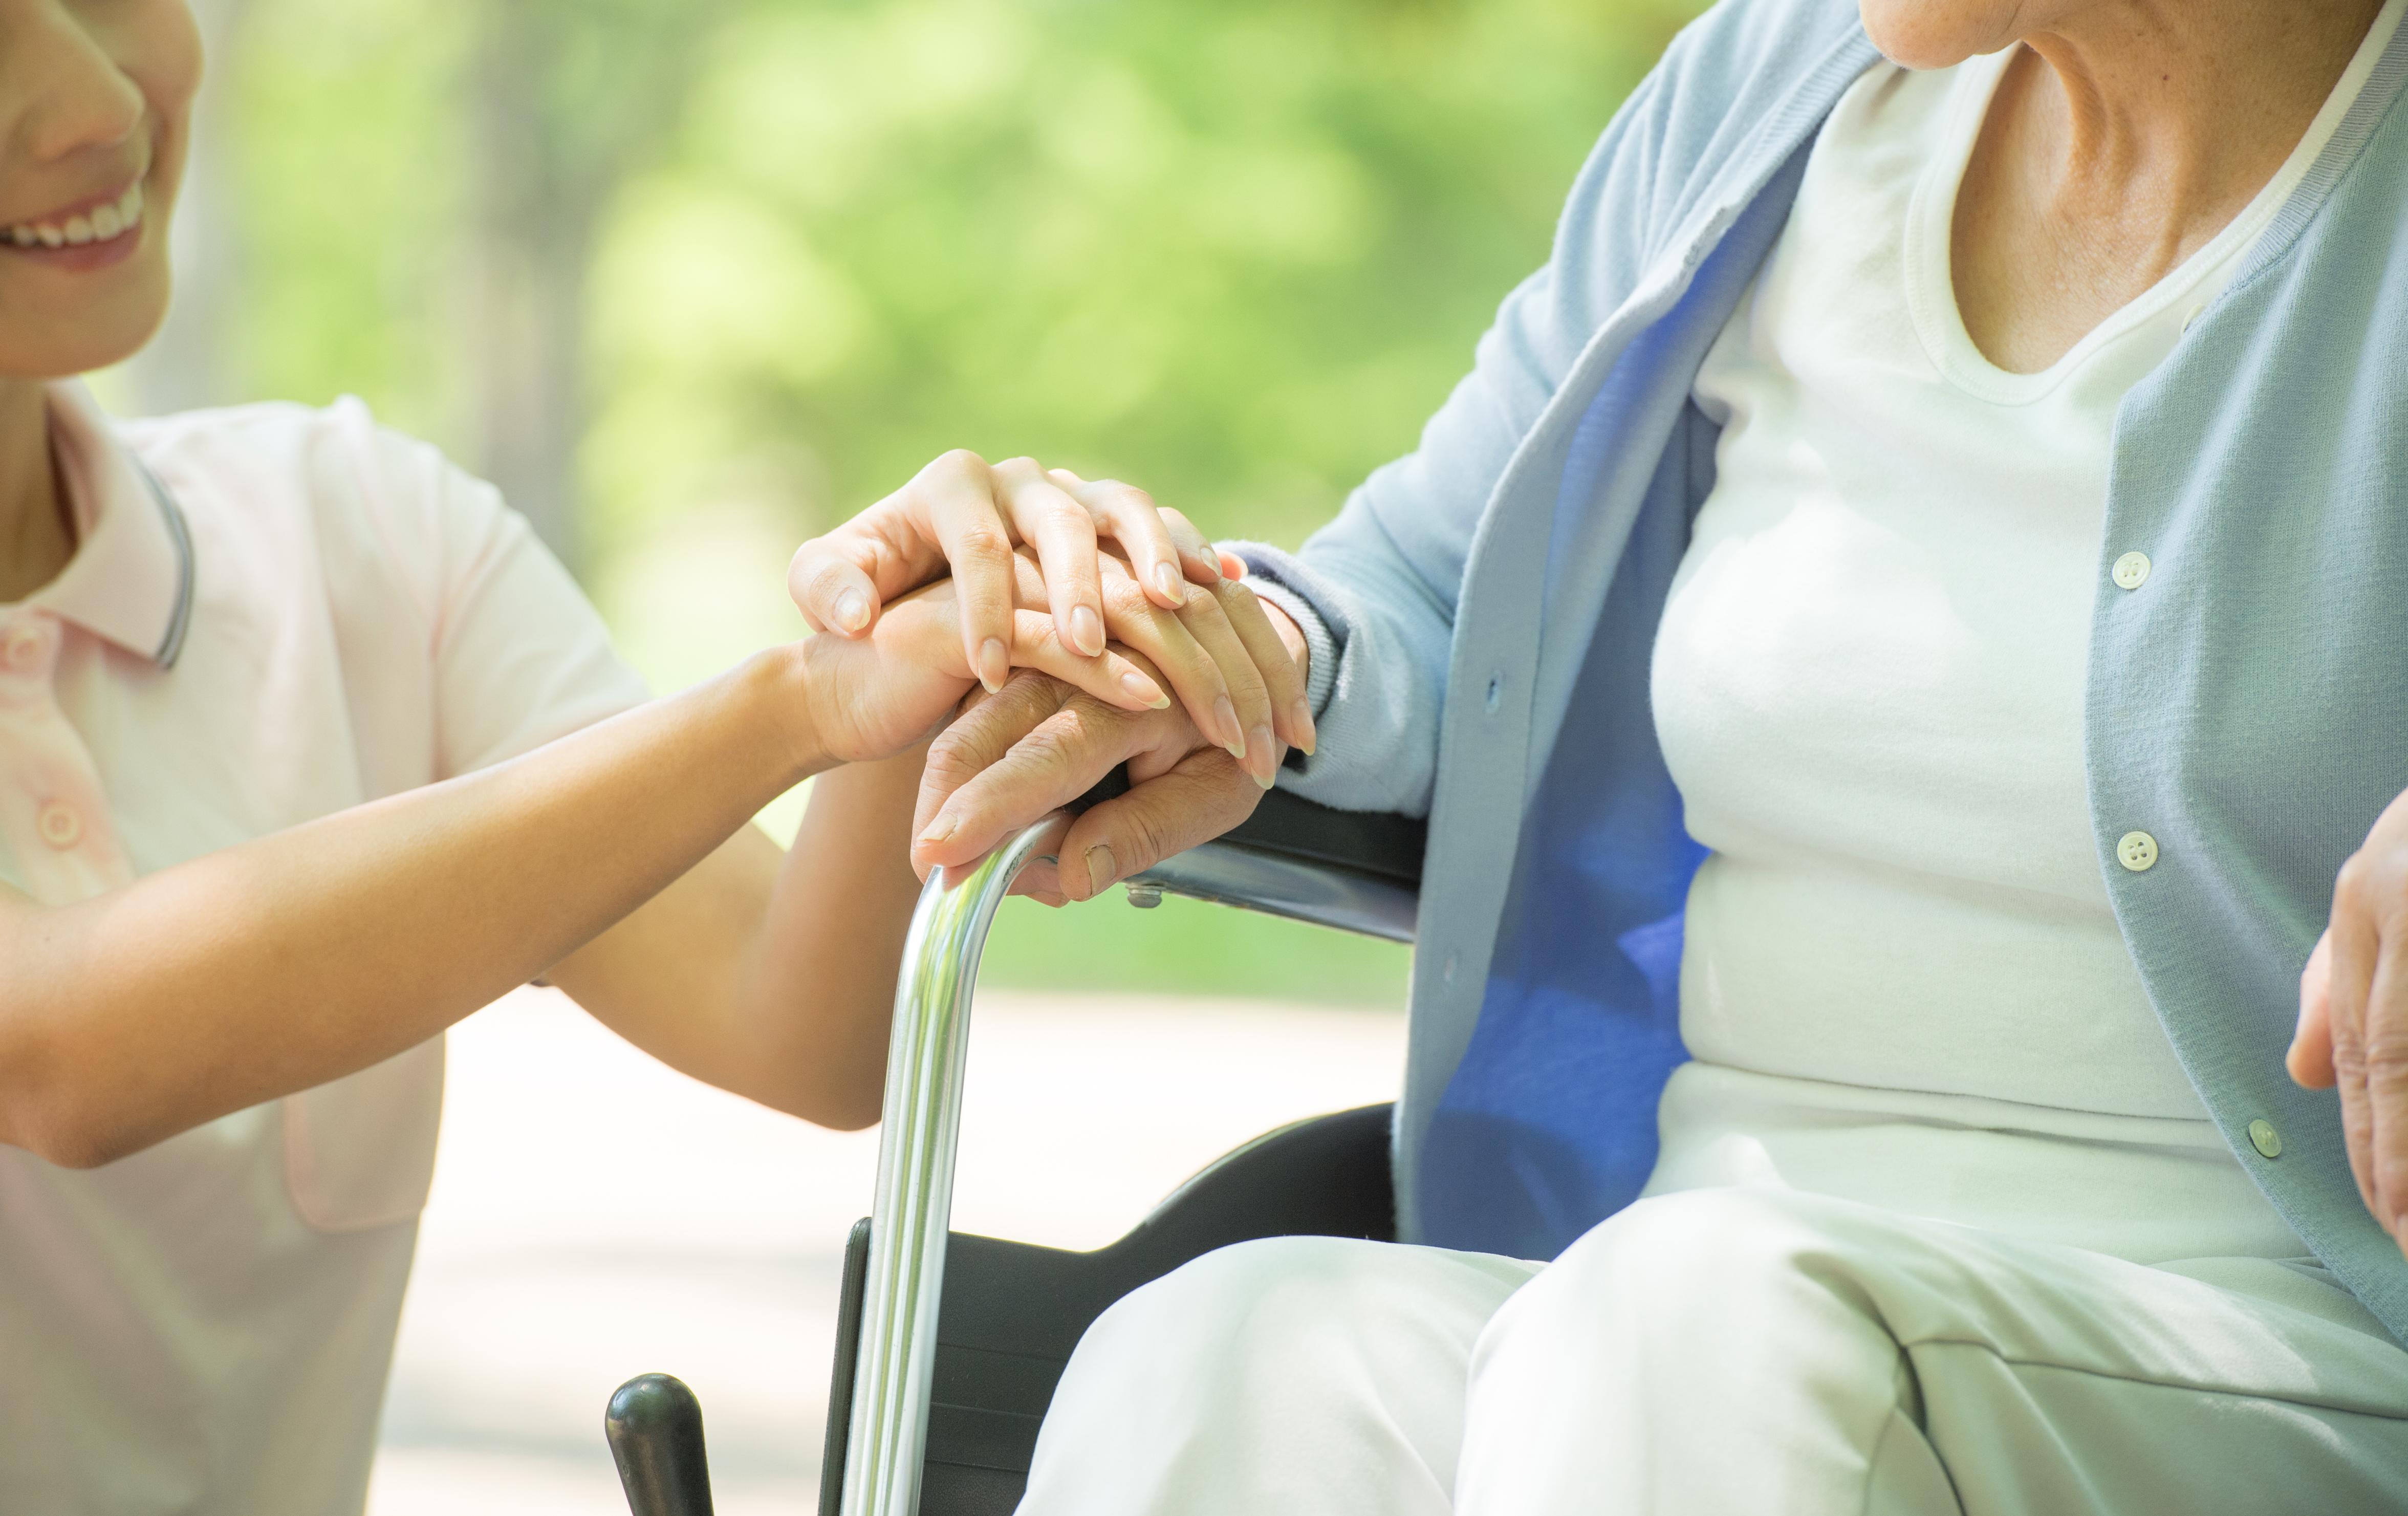 訪問診療・妊婦さん・健康に不安を抱える方の治療にも対応